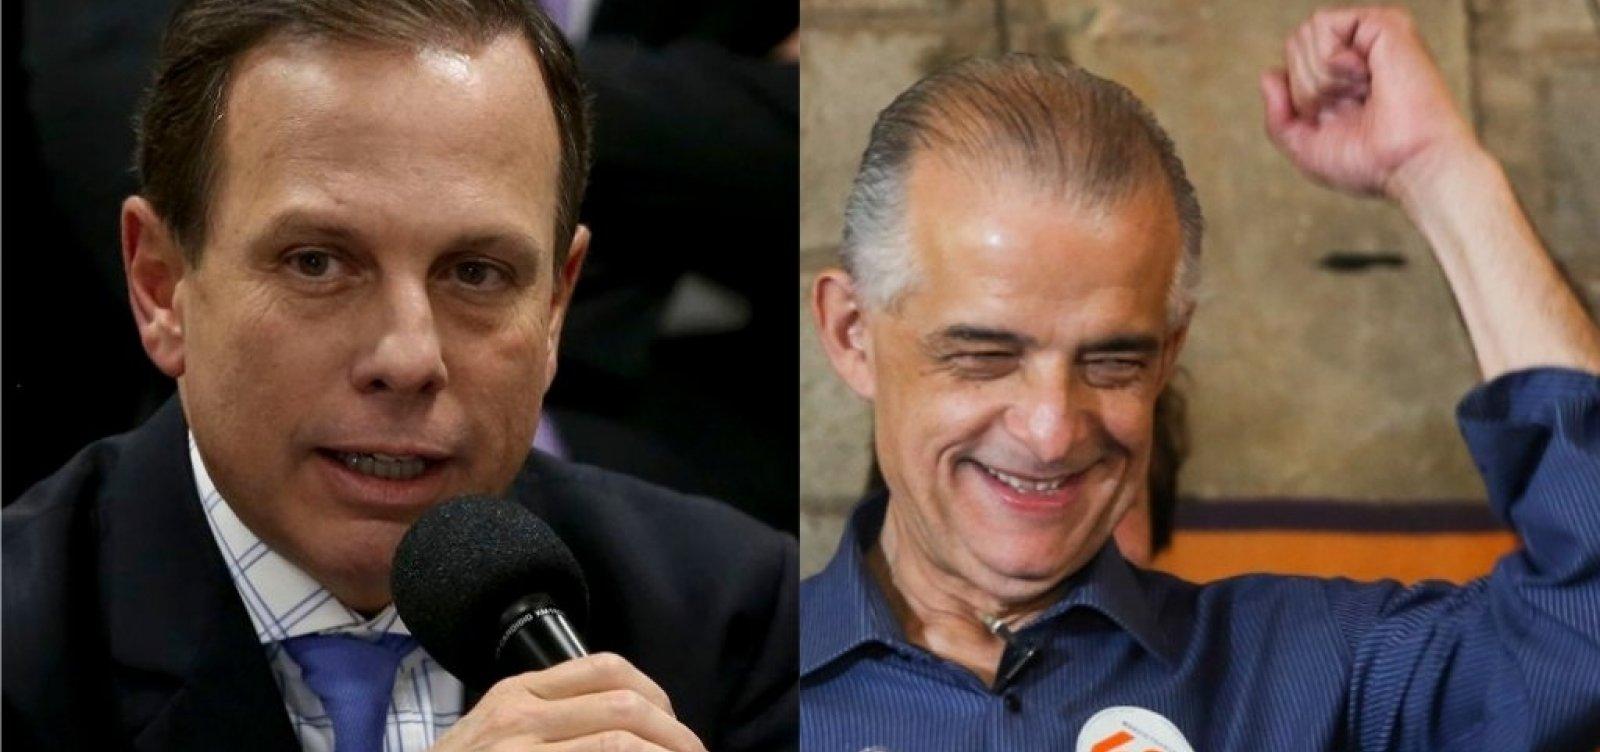 Boca de urna: Ibope aponta Doria com 52% e França com 48%